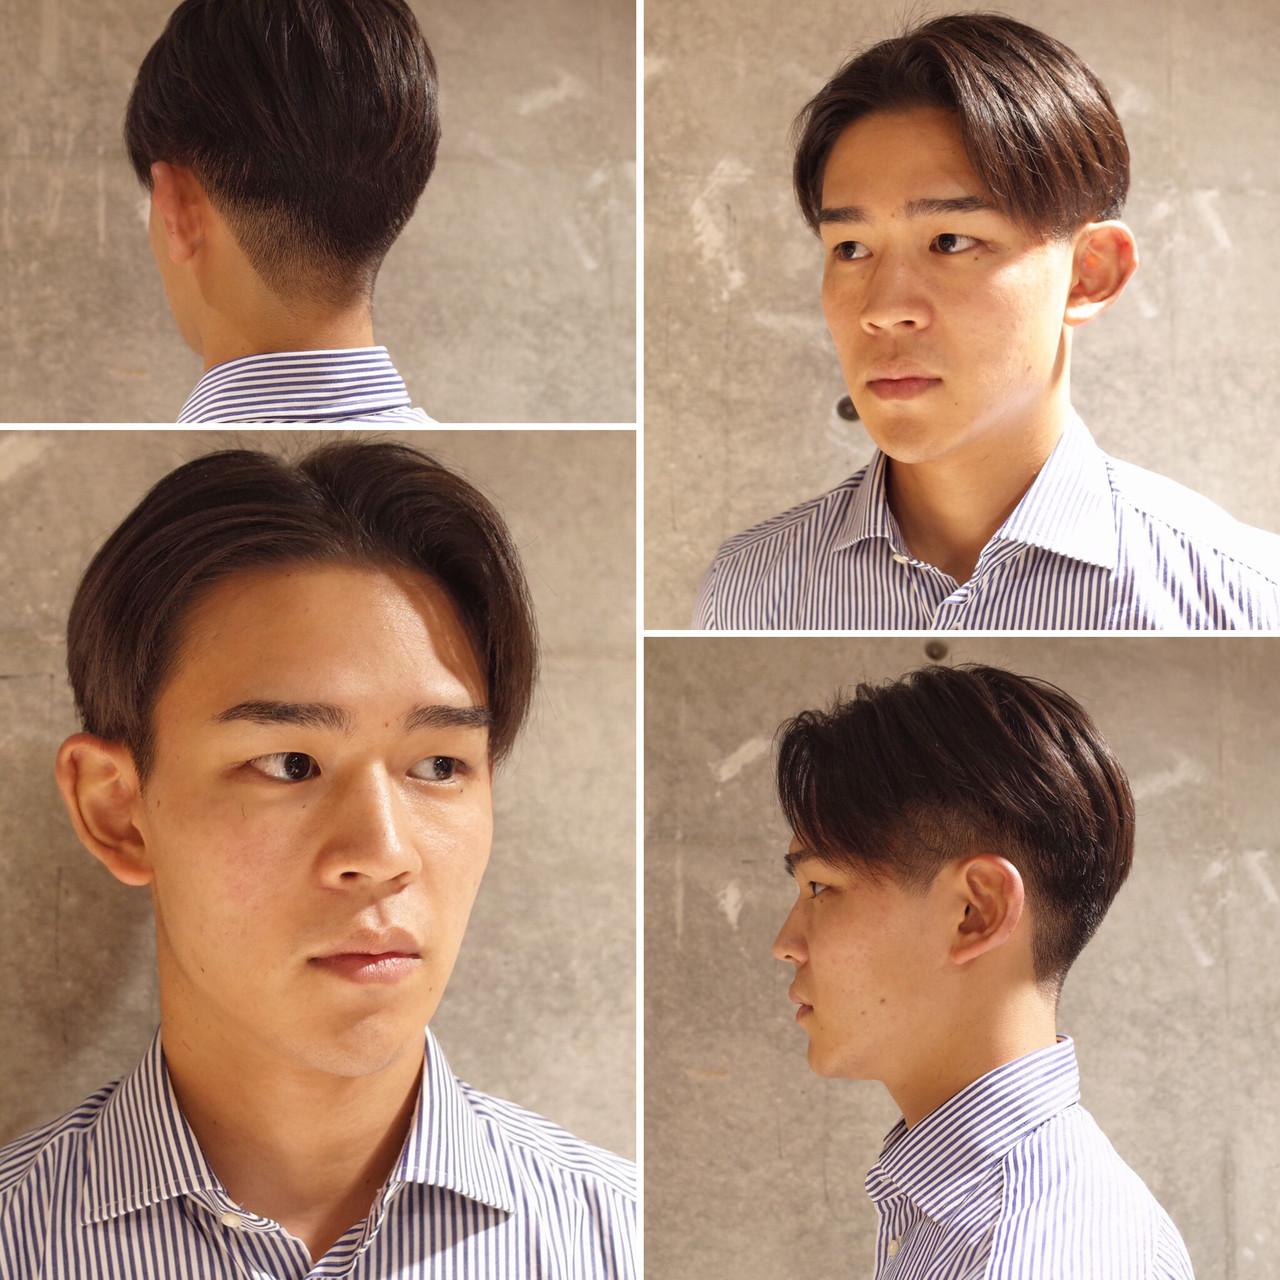 刈り上げ メンズ ナチュラル ショート ヘアスタイルや髪型の写真・画像